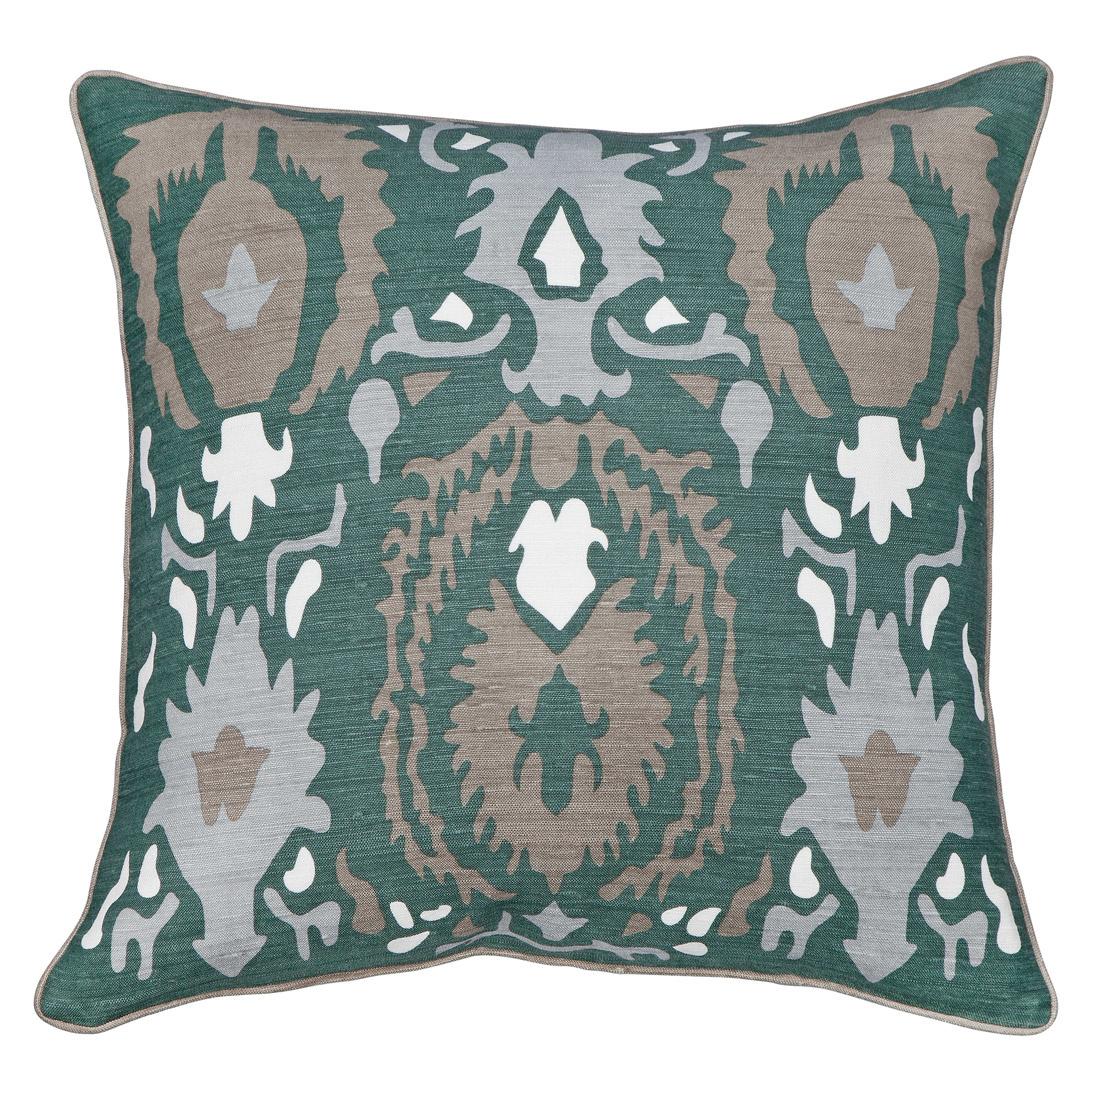 New Moon Regal, Blue Green Bamboo Silk Pillow 22x22